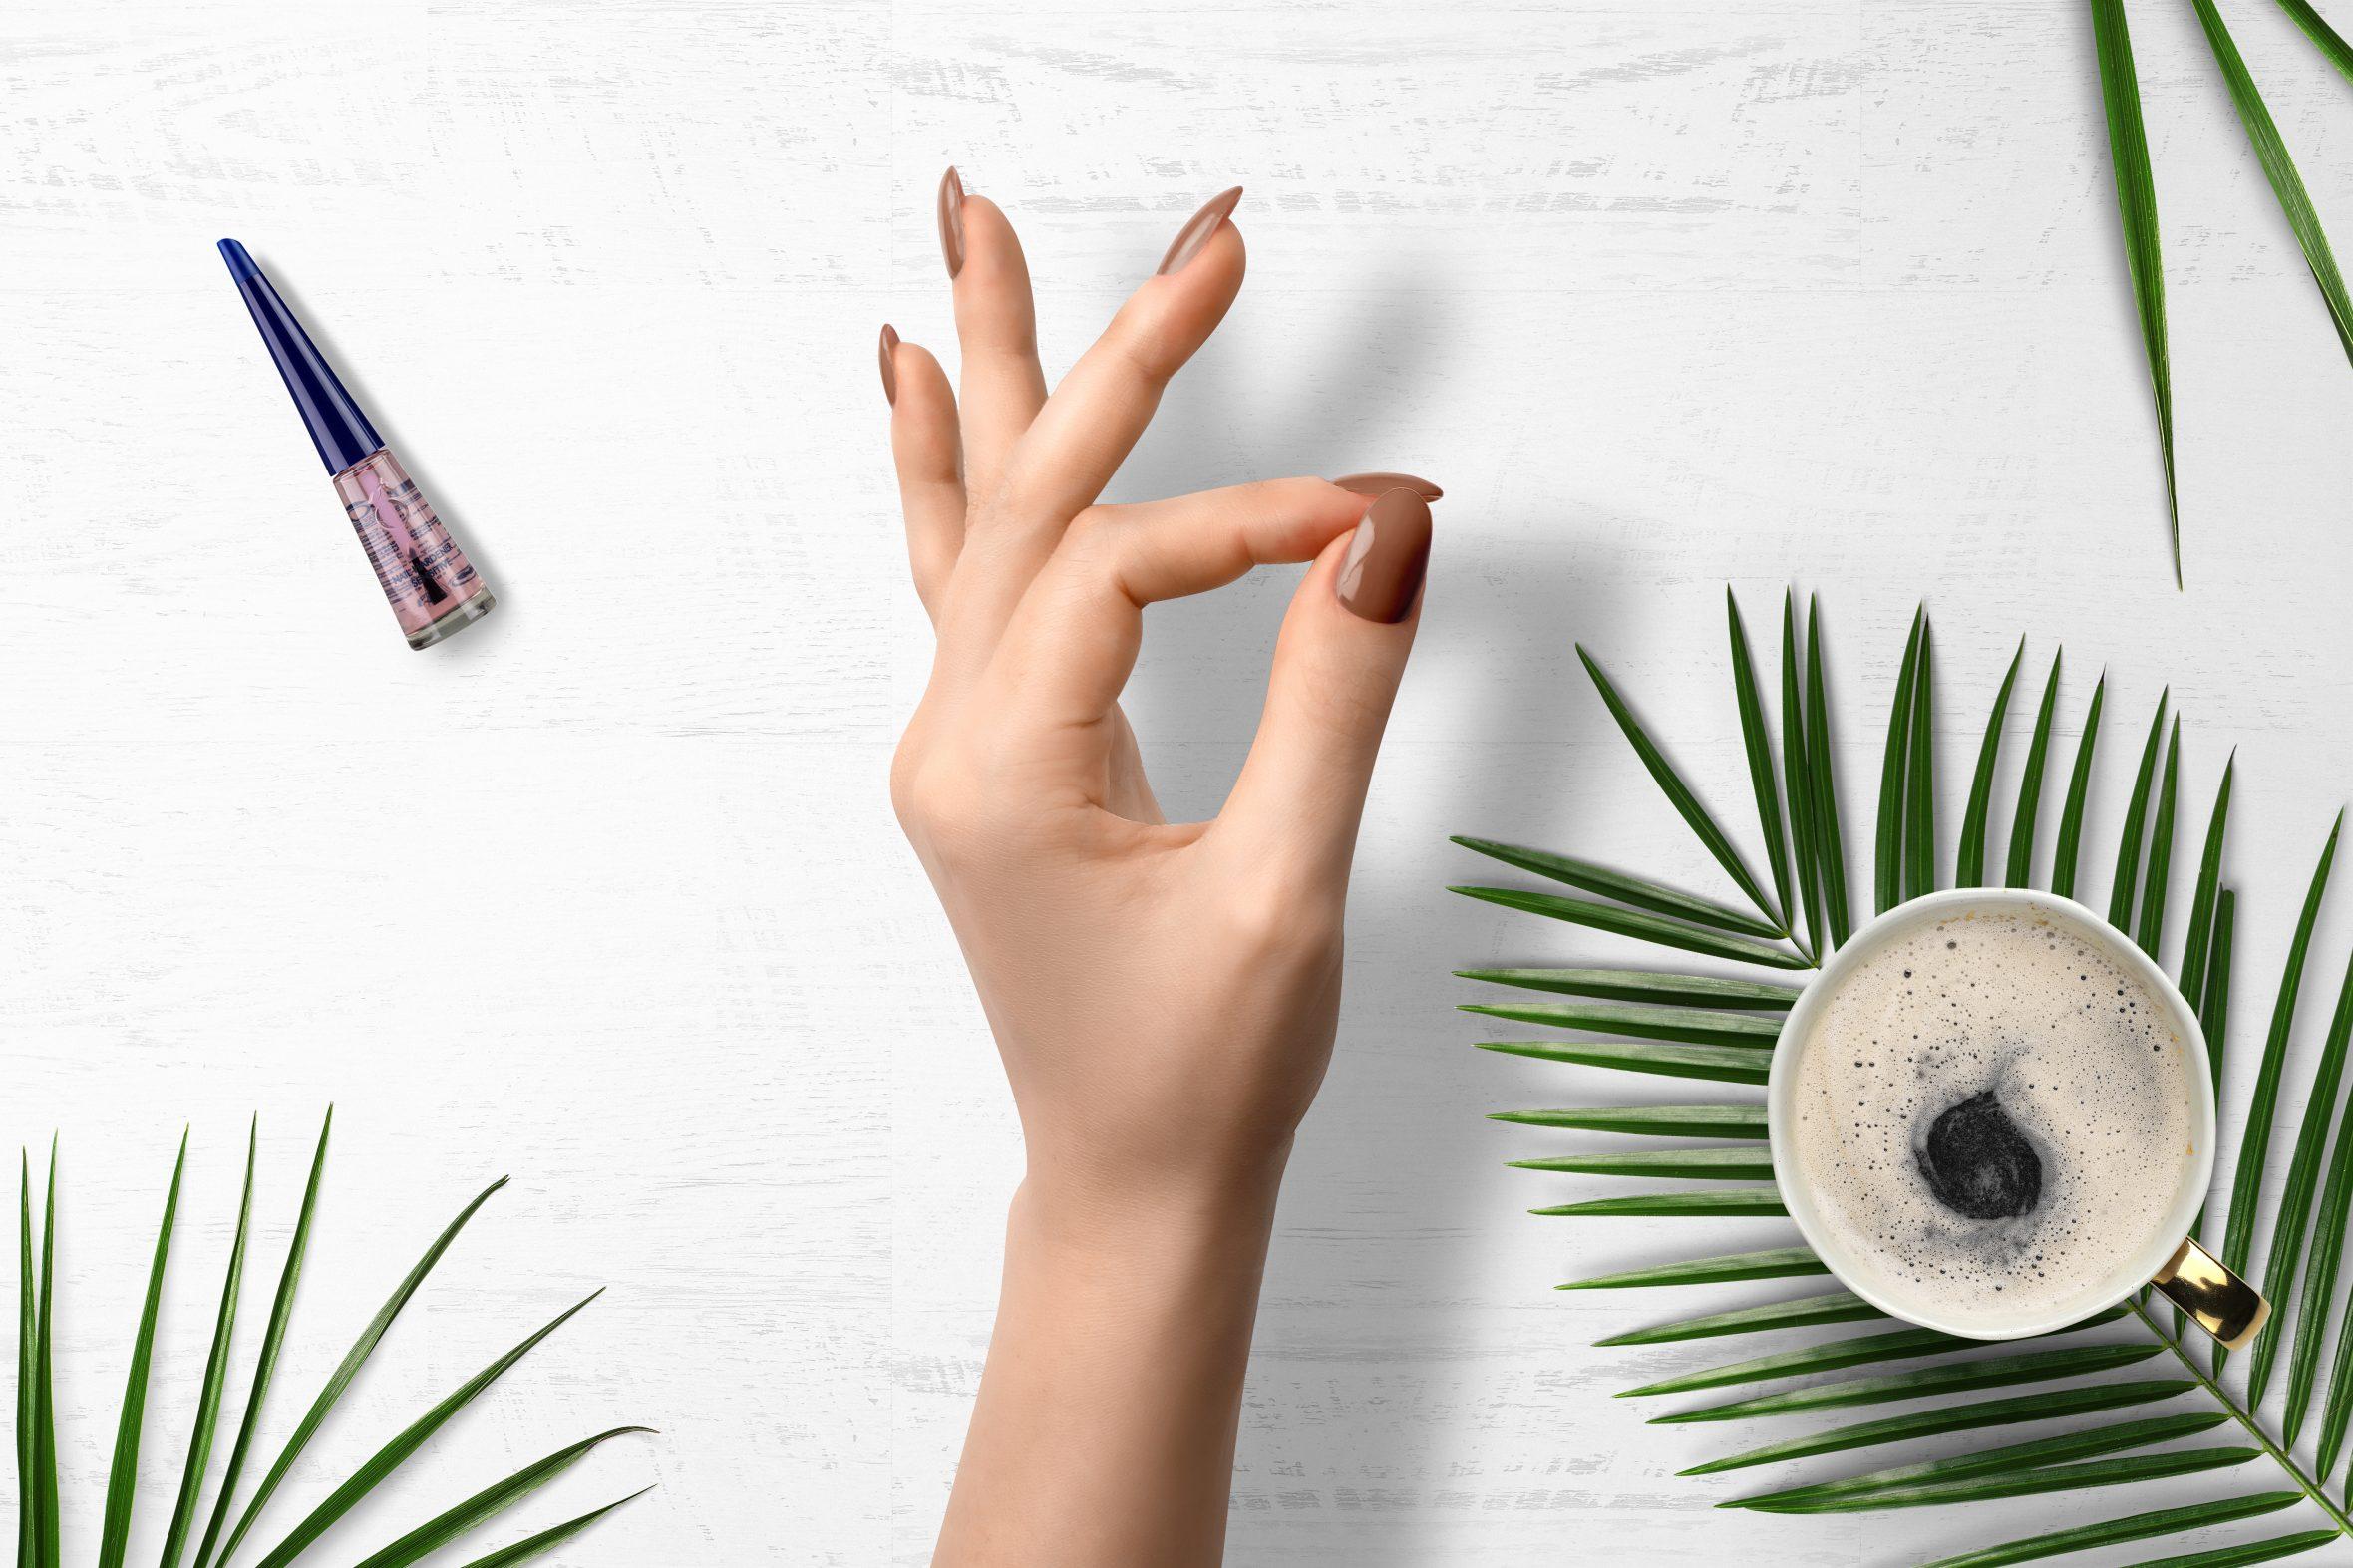 Camel nagellak voor een trendy manicure